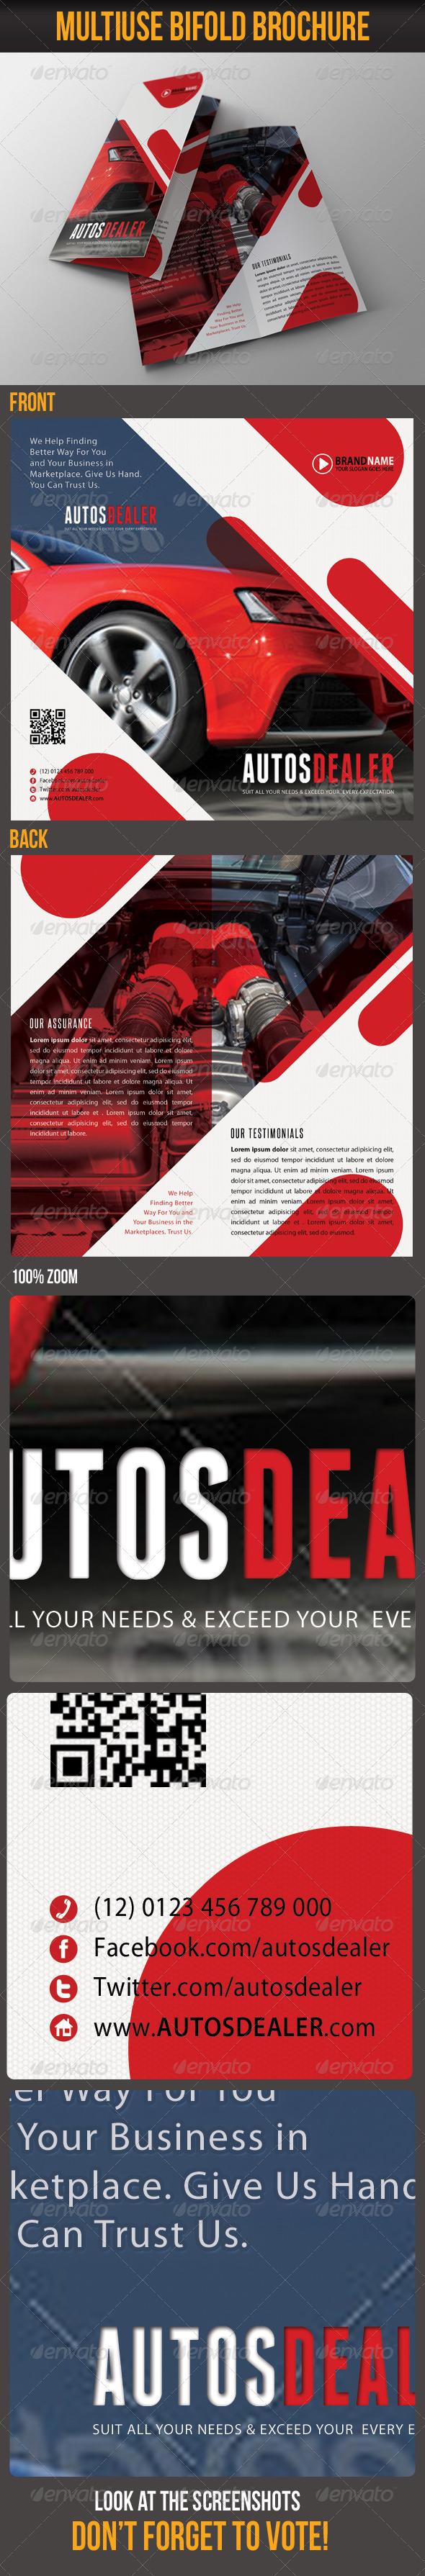 GraphicRiver Multiuse Bifold Brochure 39 6531125